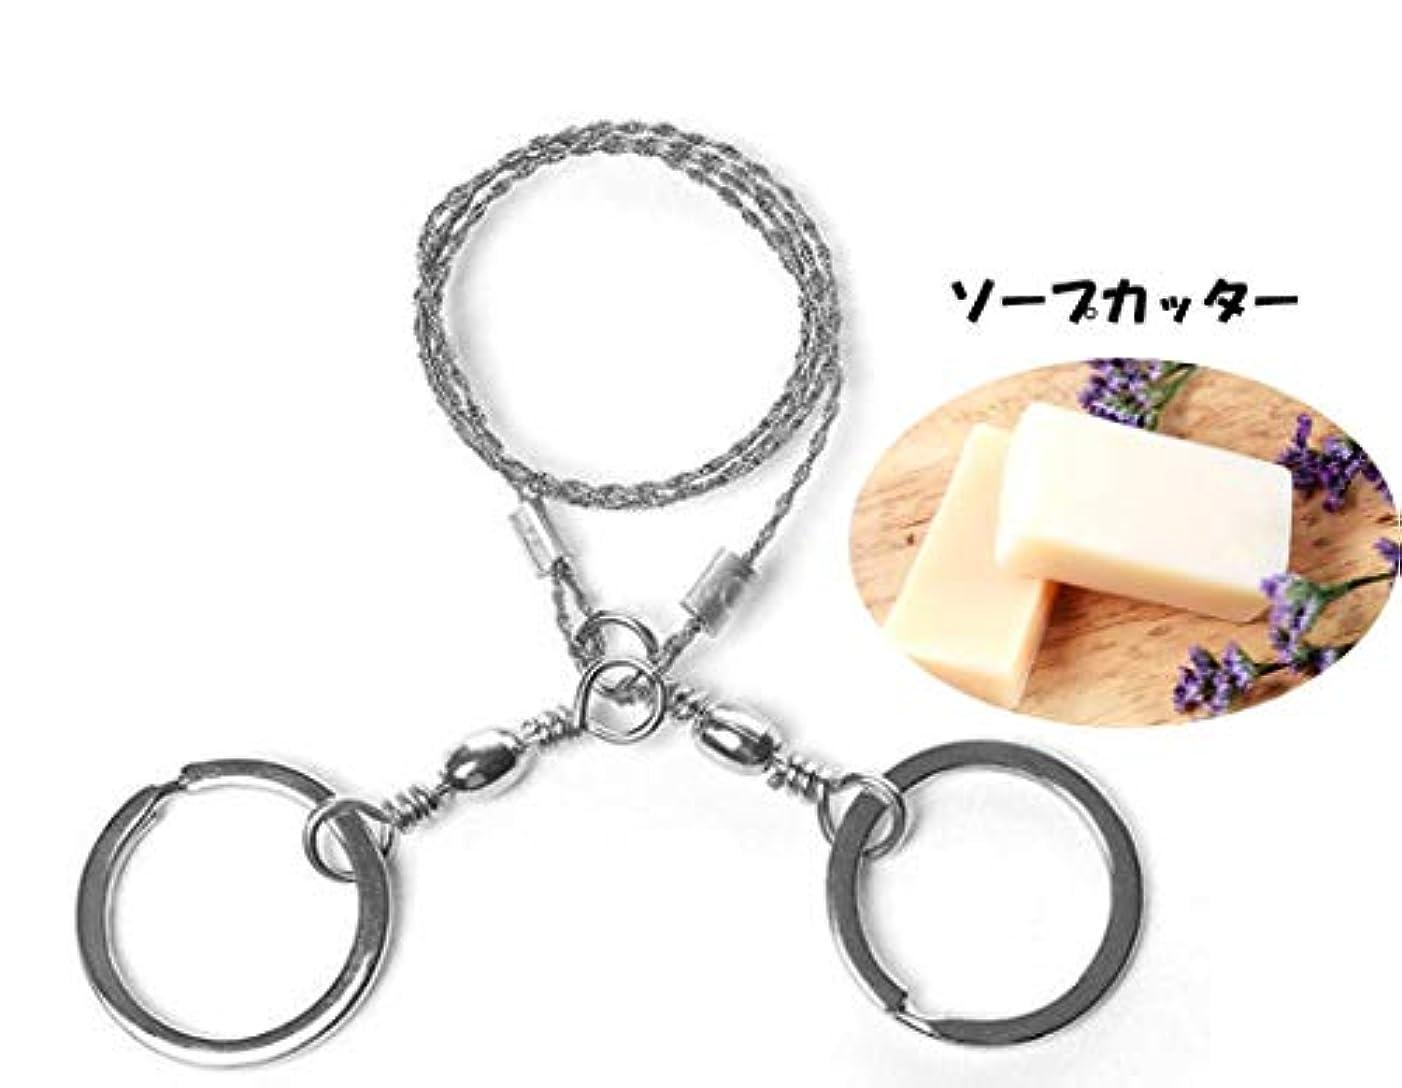 タヒチ次早いワイヤーカッター ハンドルソープ カッター 糸鋸 手作り石けん Soap Making 小型 便利 持ち手リング付 軽量